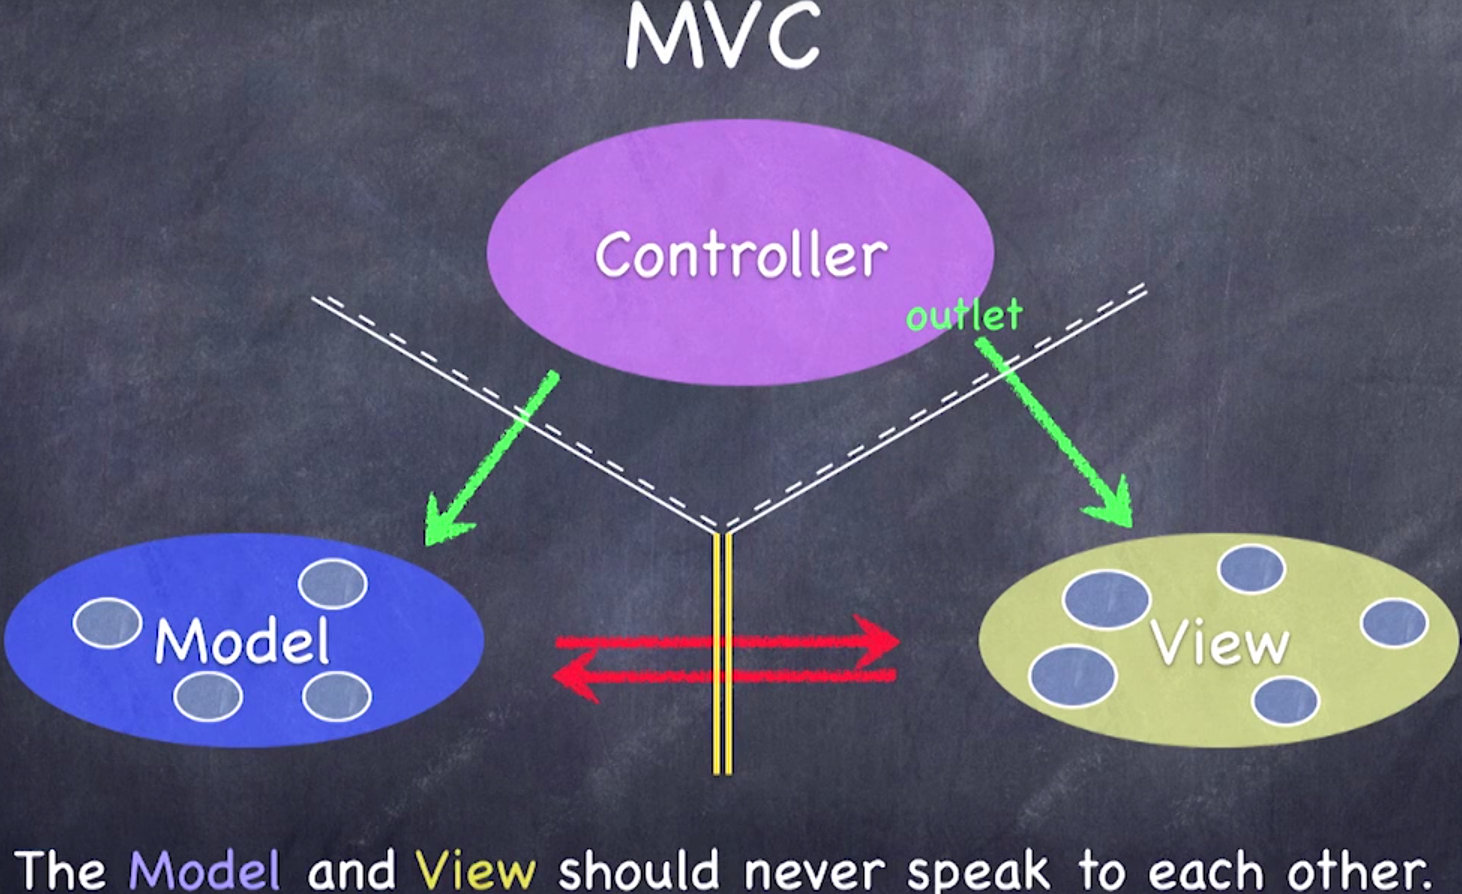 模型与视图不可互通